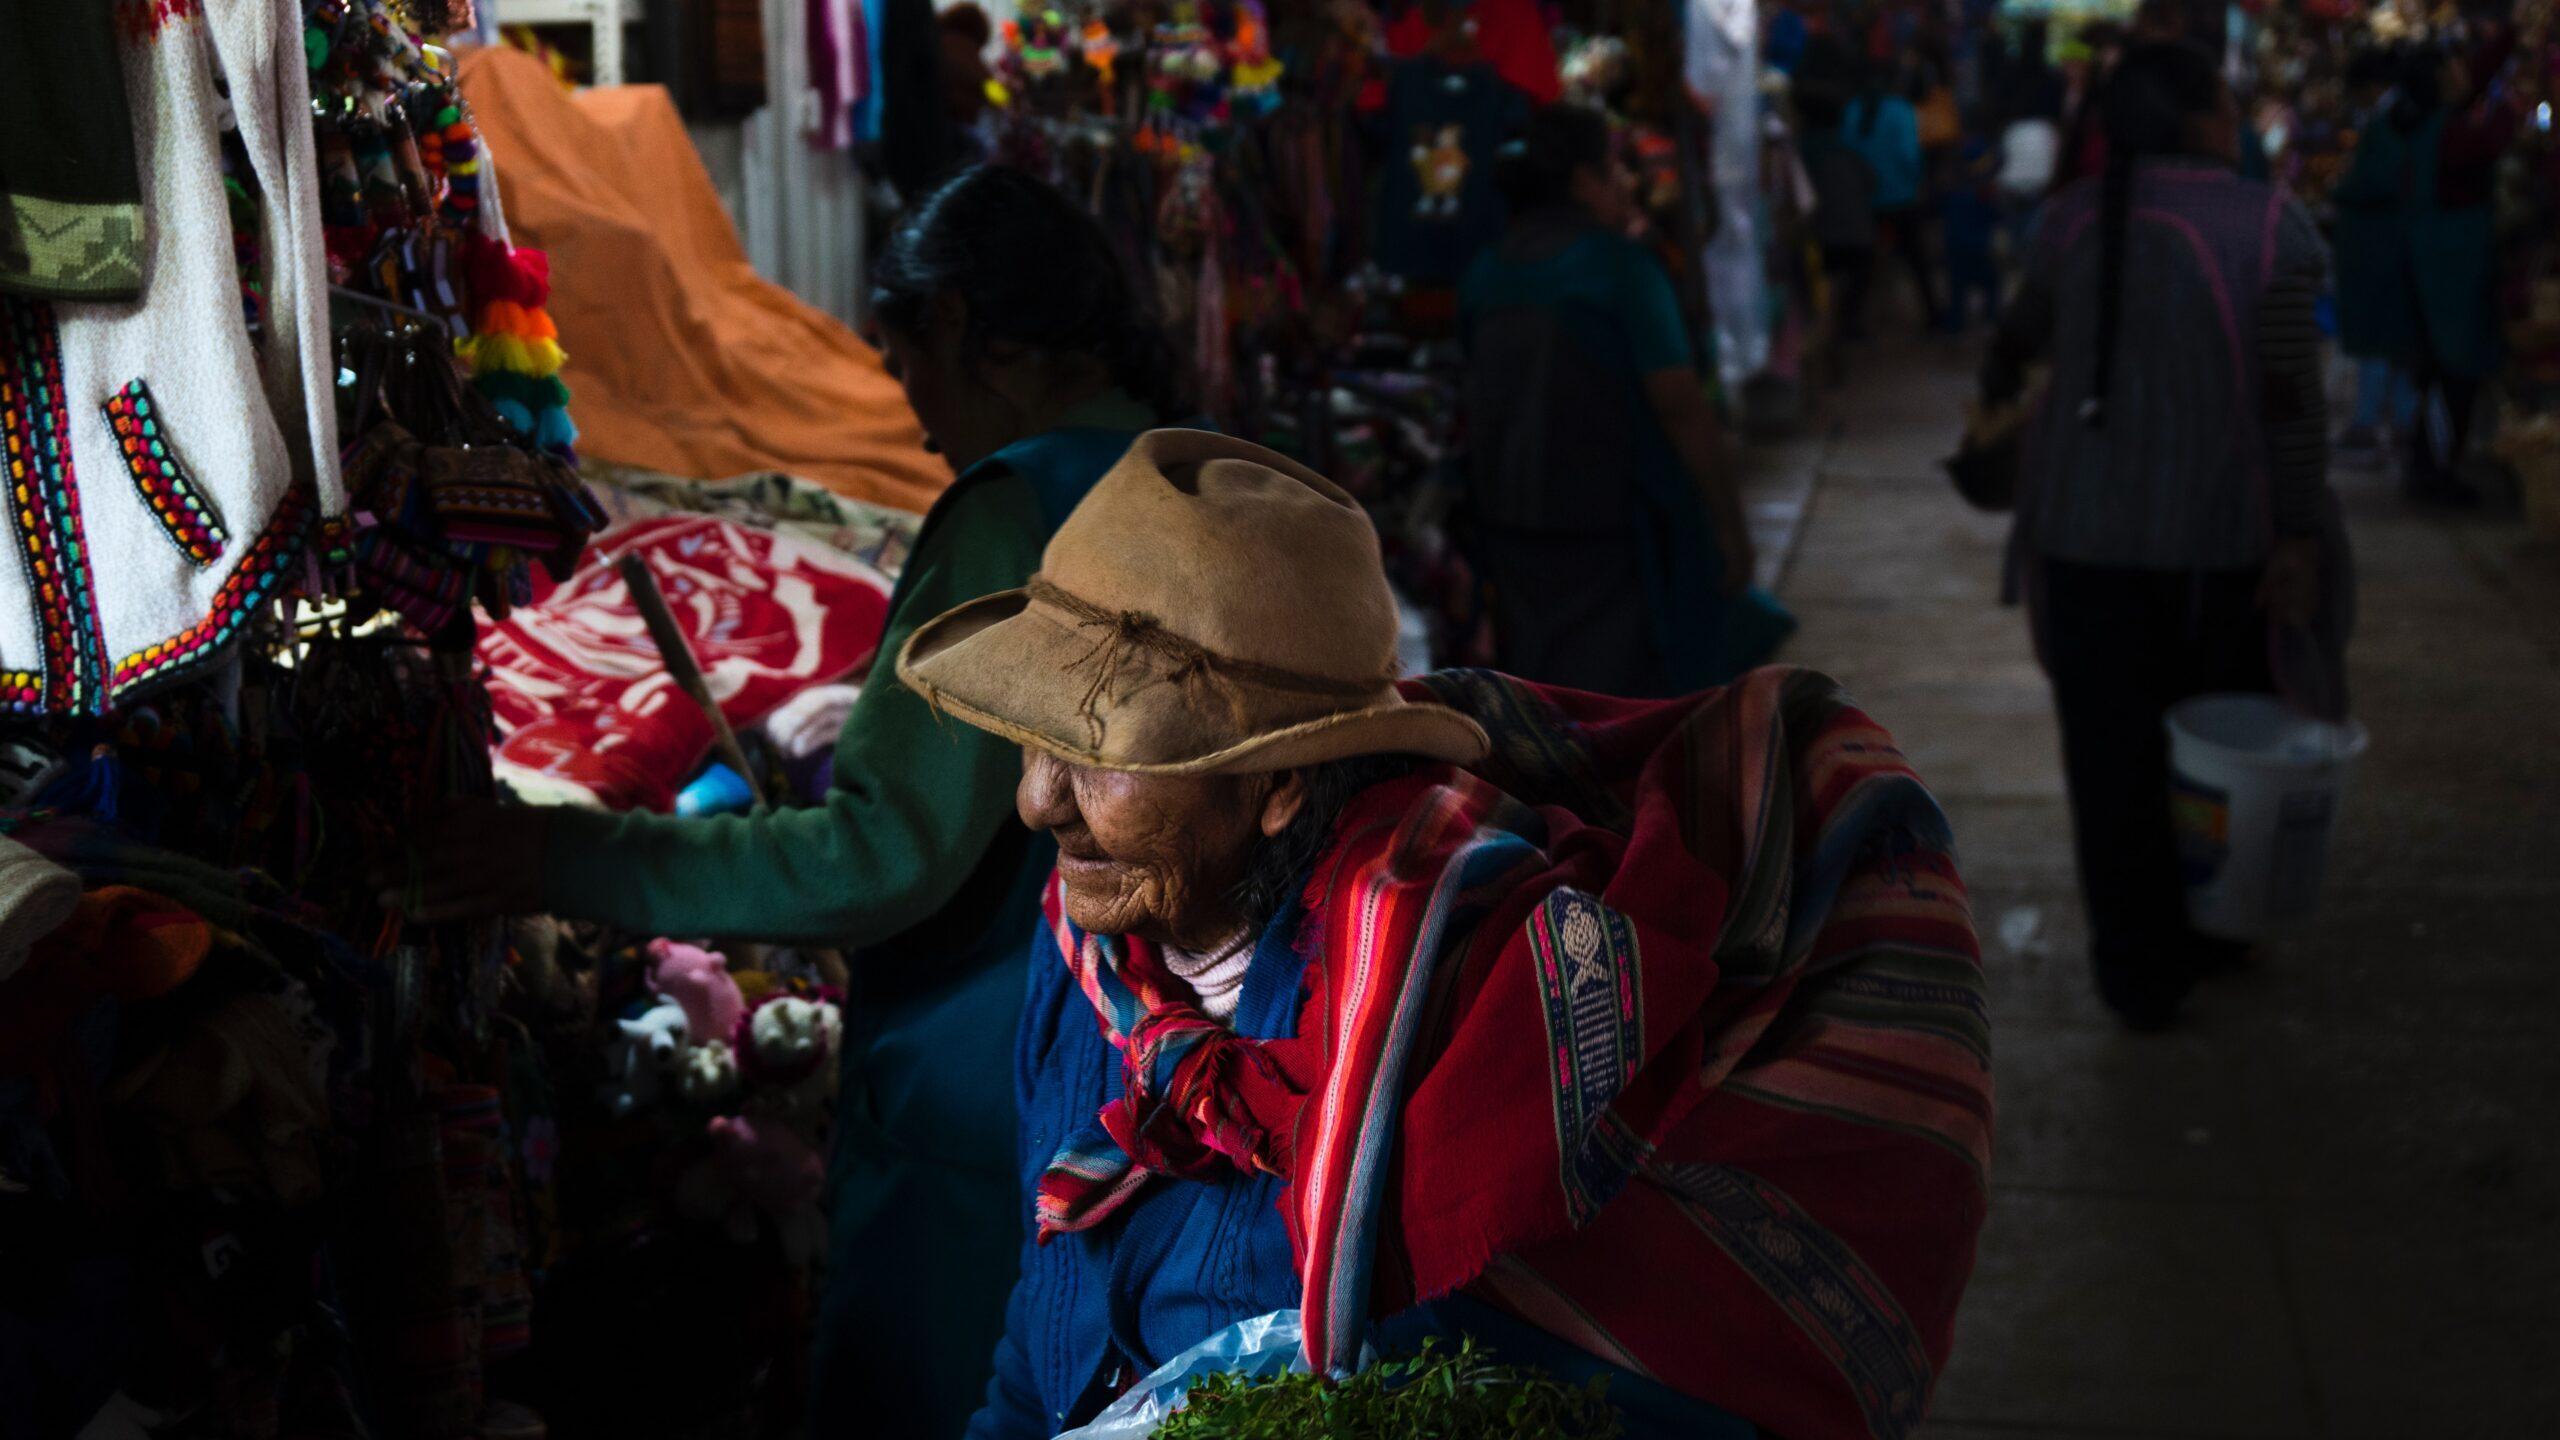 El Tianguis de Boca Del Río: vender, comprar, platicar